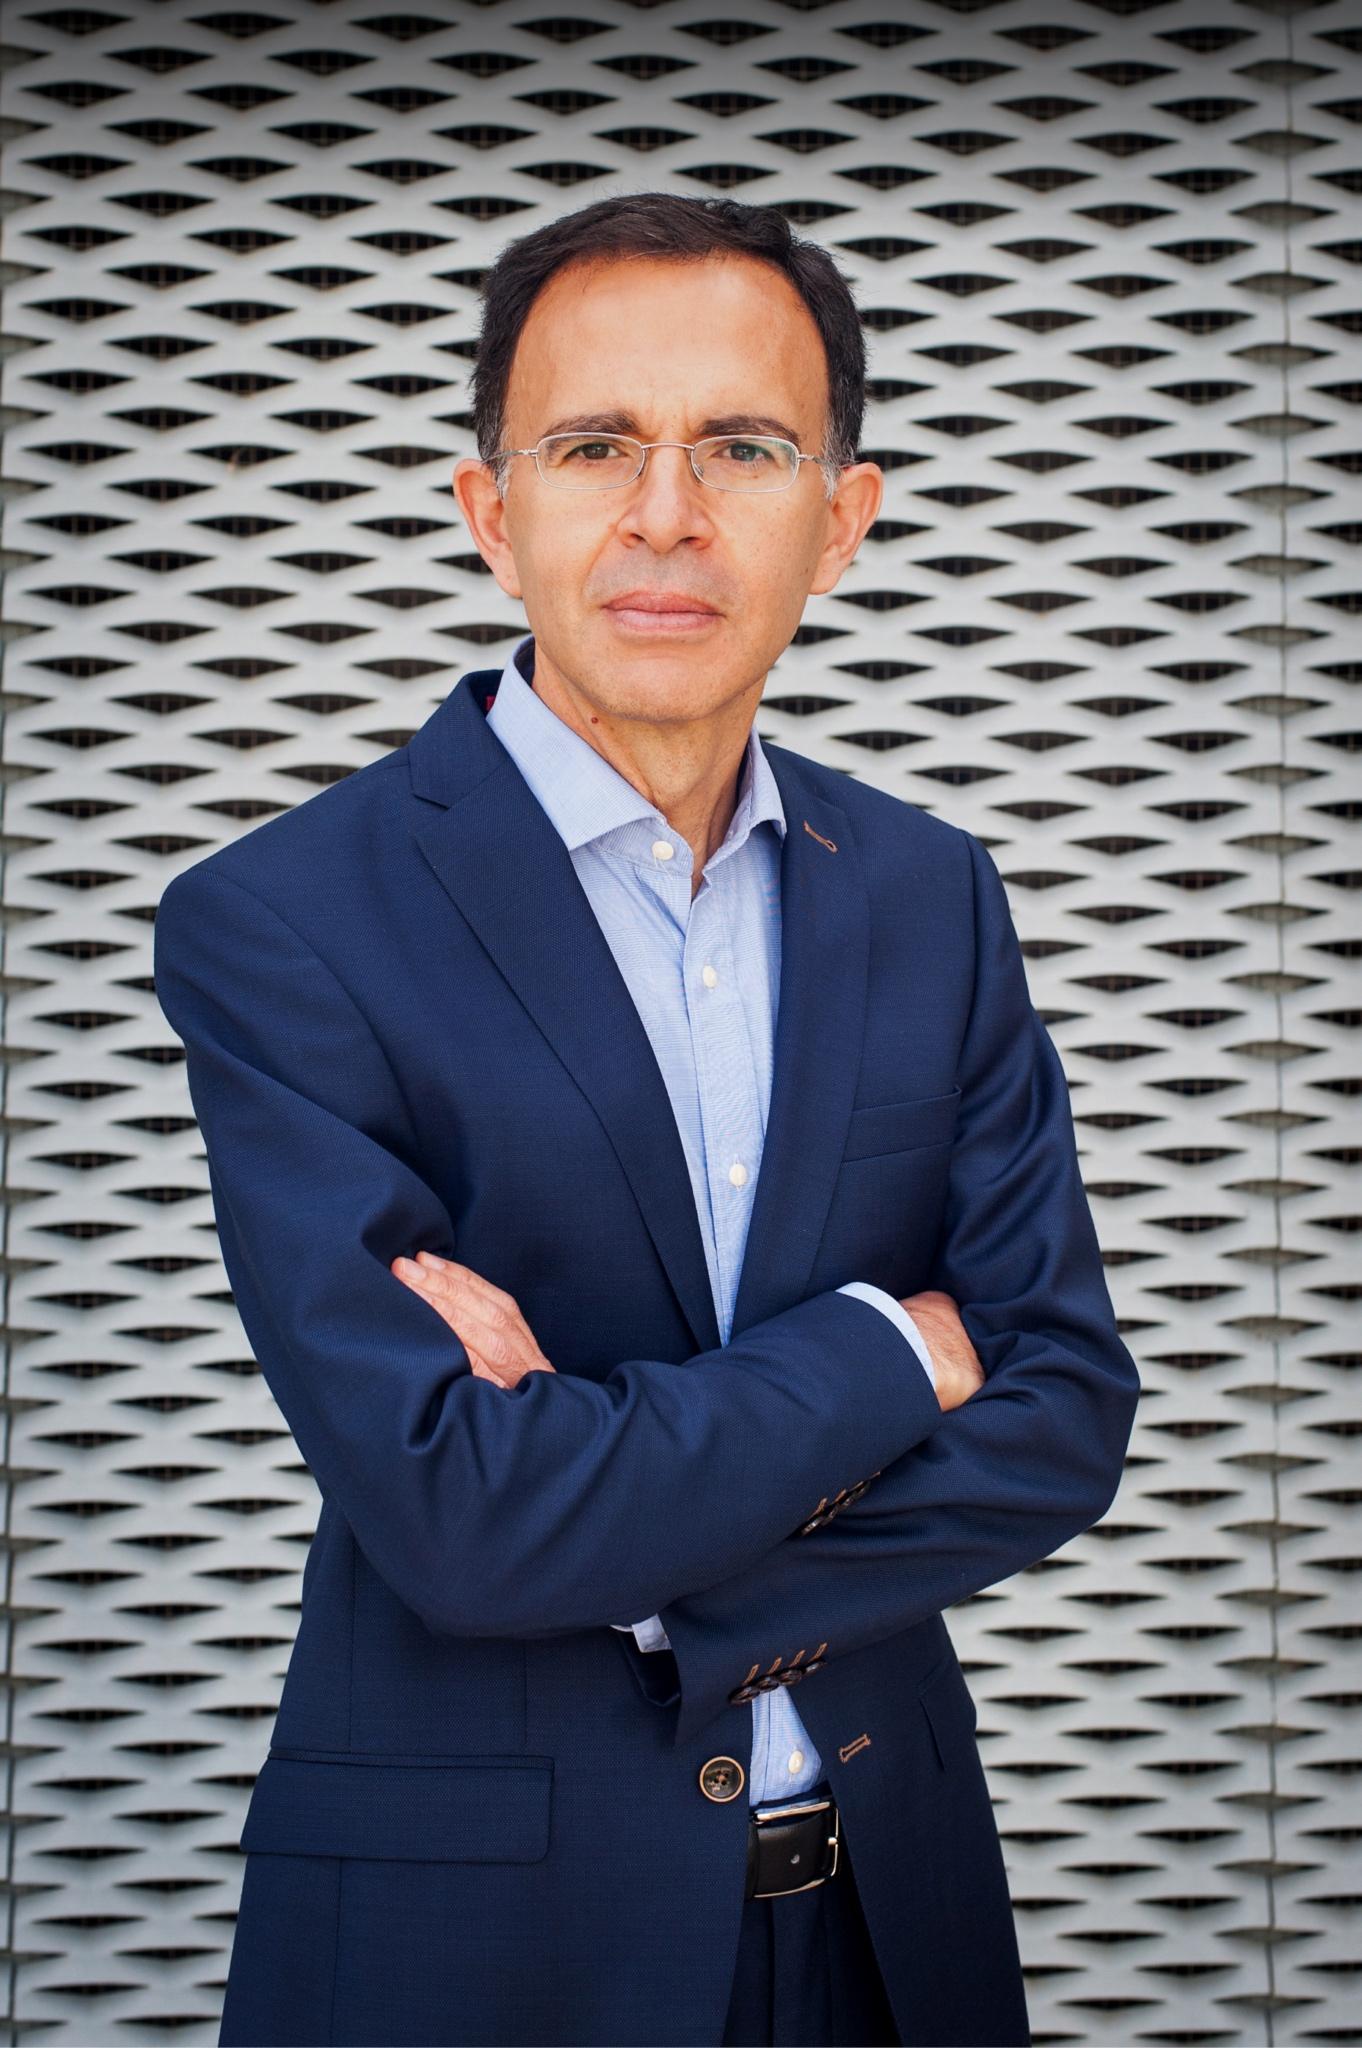 La Academy of Management premia al profesor de la Universidad de Granada Alberto Aragón por su trayectoria investigadora sobre gestión ambiental